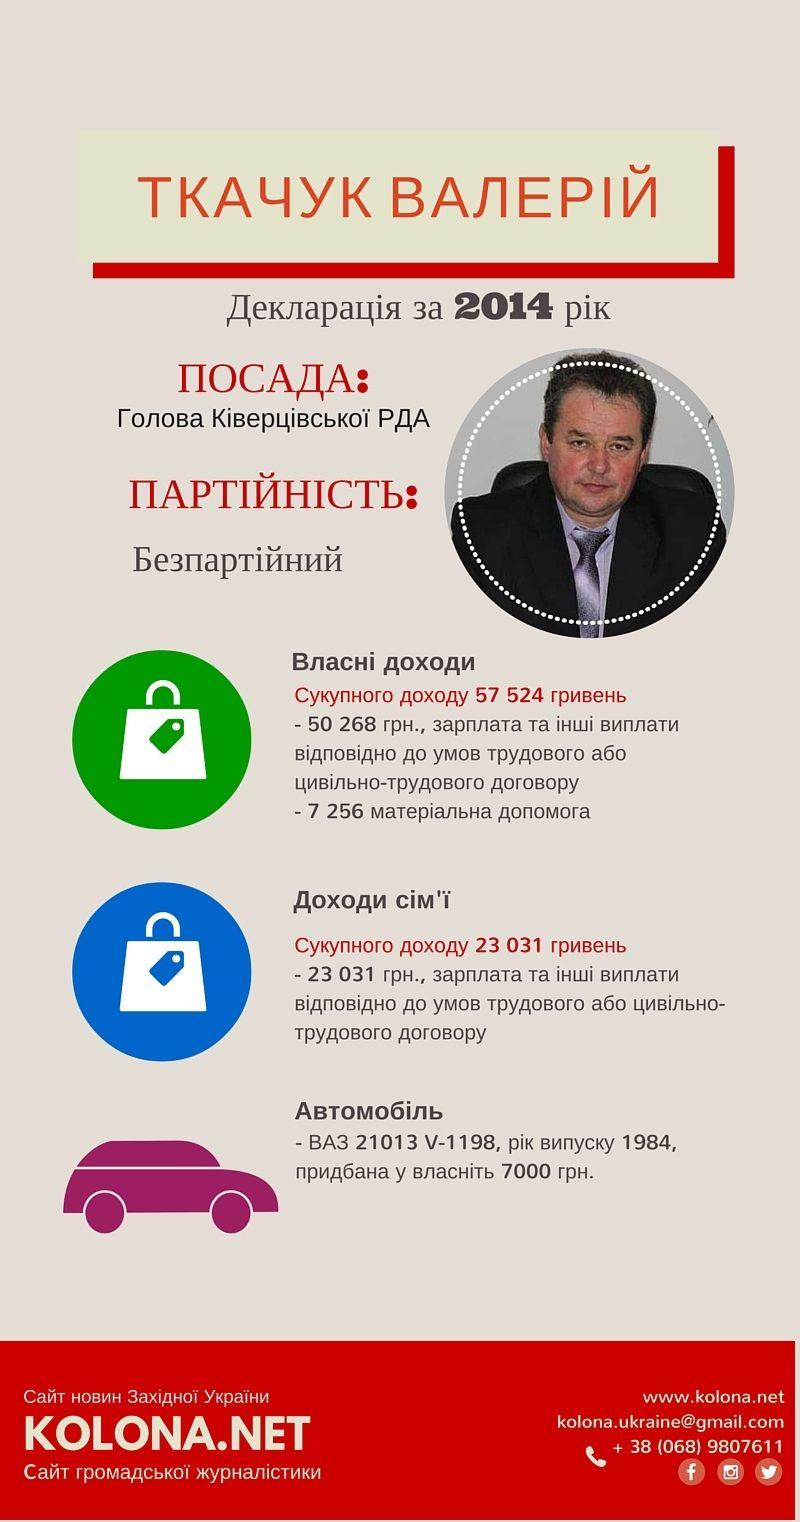 Валерій Ткачук голова Ківерцівської РДА